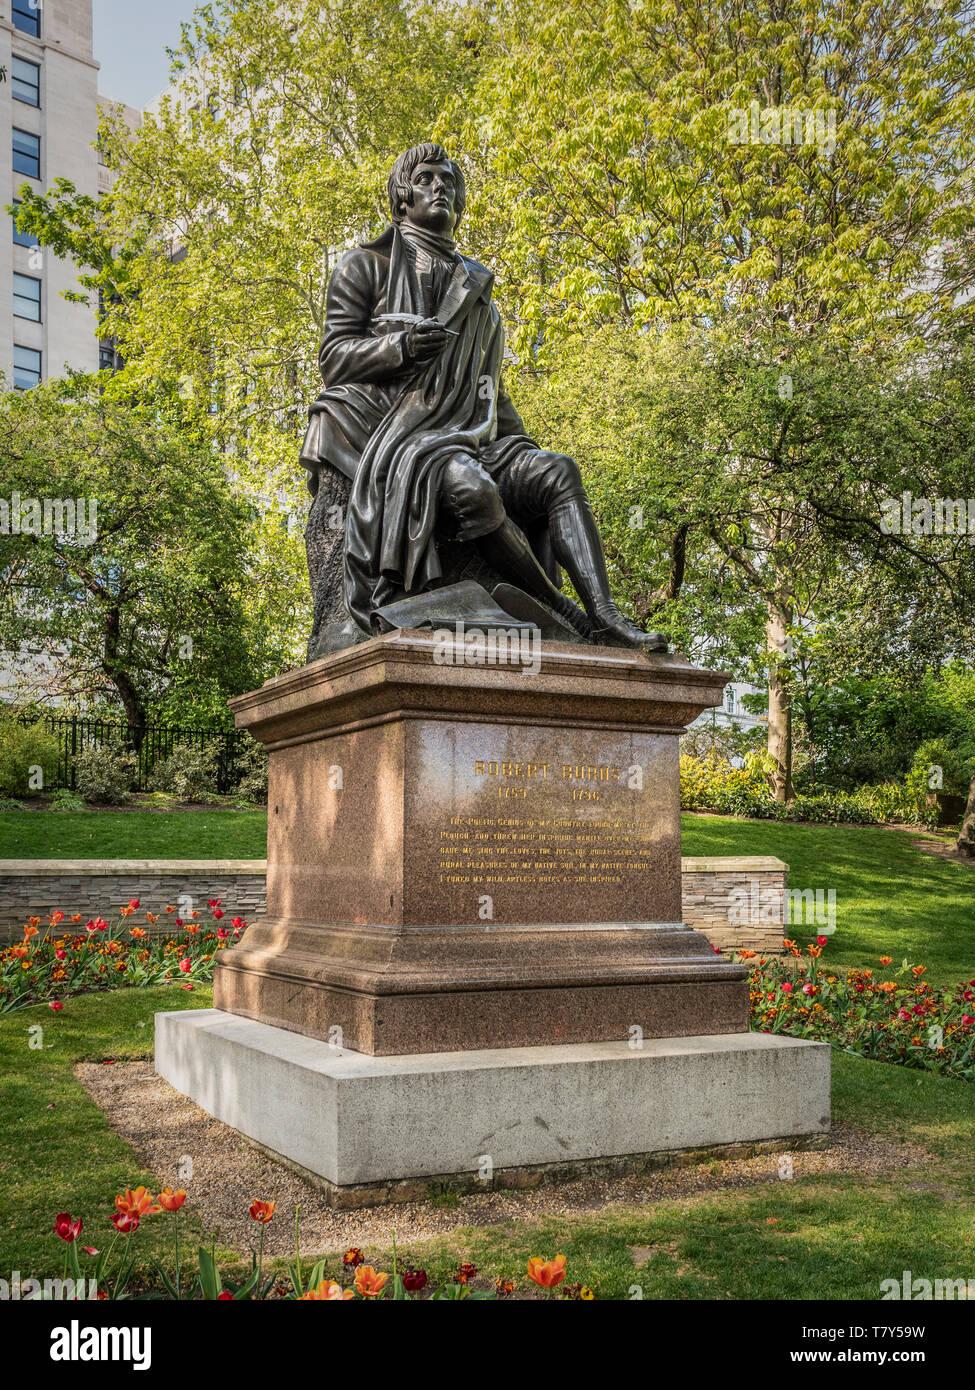 Robert Burns statue in Victoria Embankment Gardens, London, UK. - Stock Image